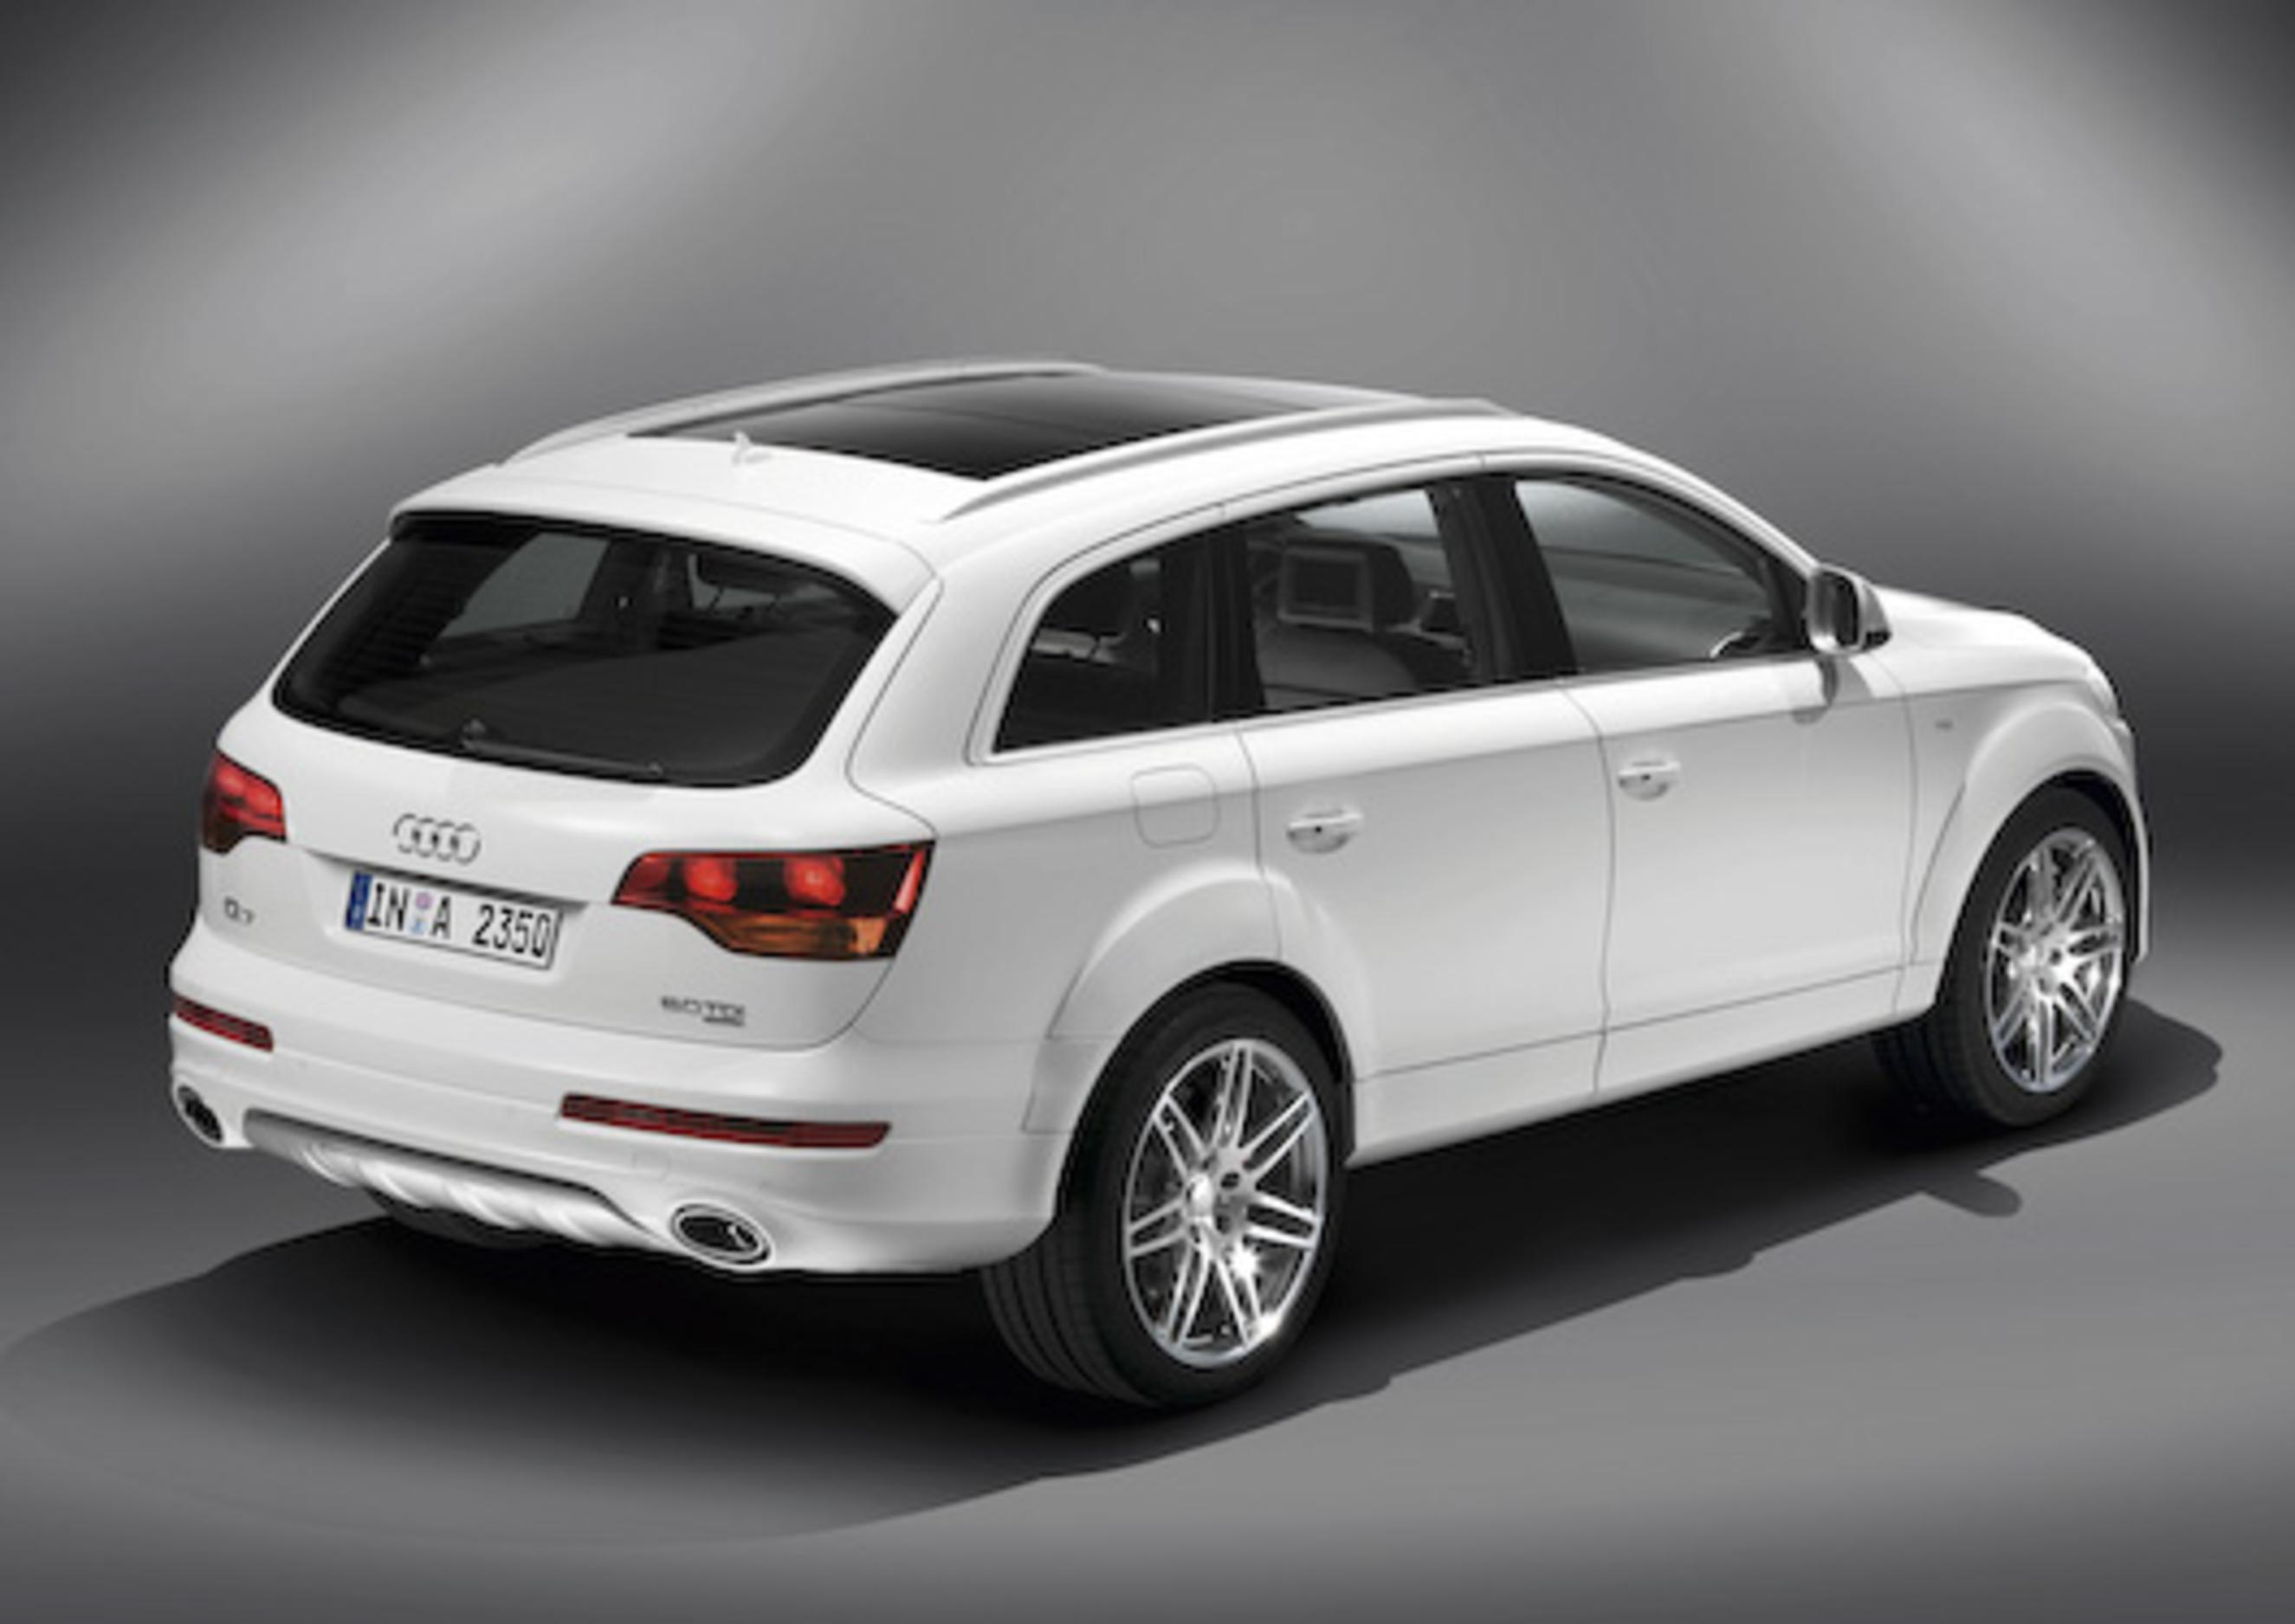 Audi Q V TDI Quattro Image - Audi q7 v12